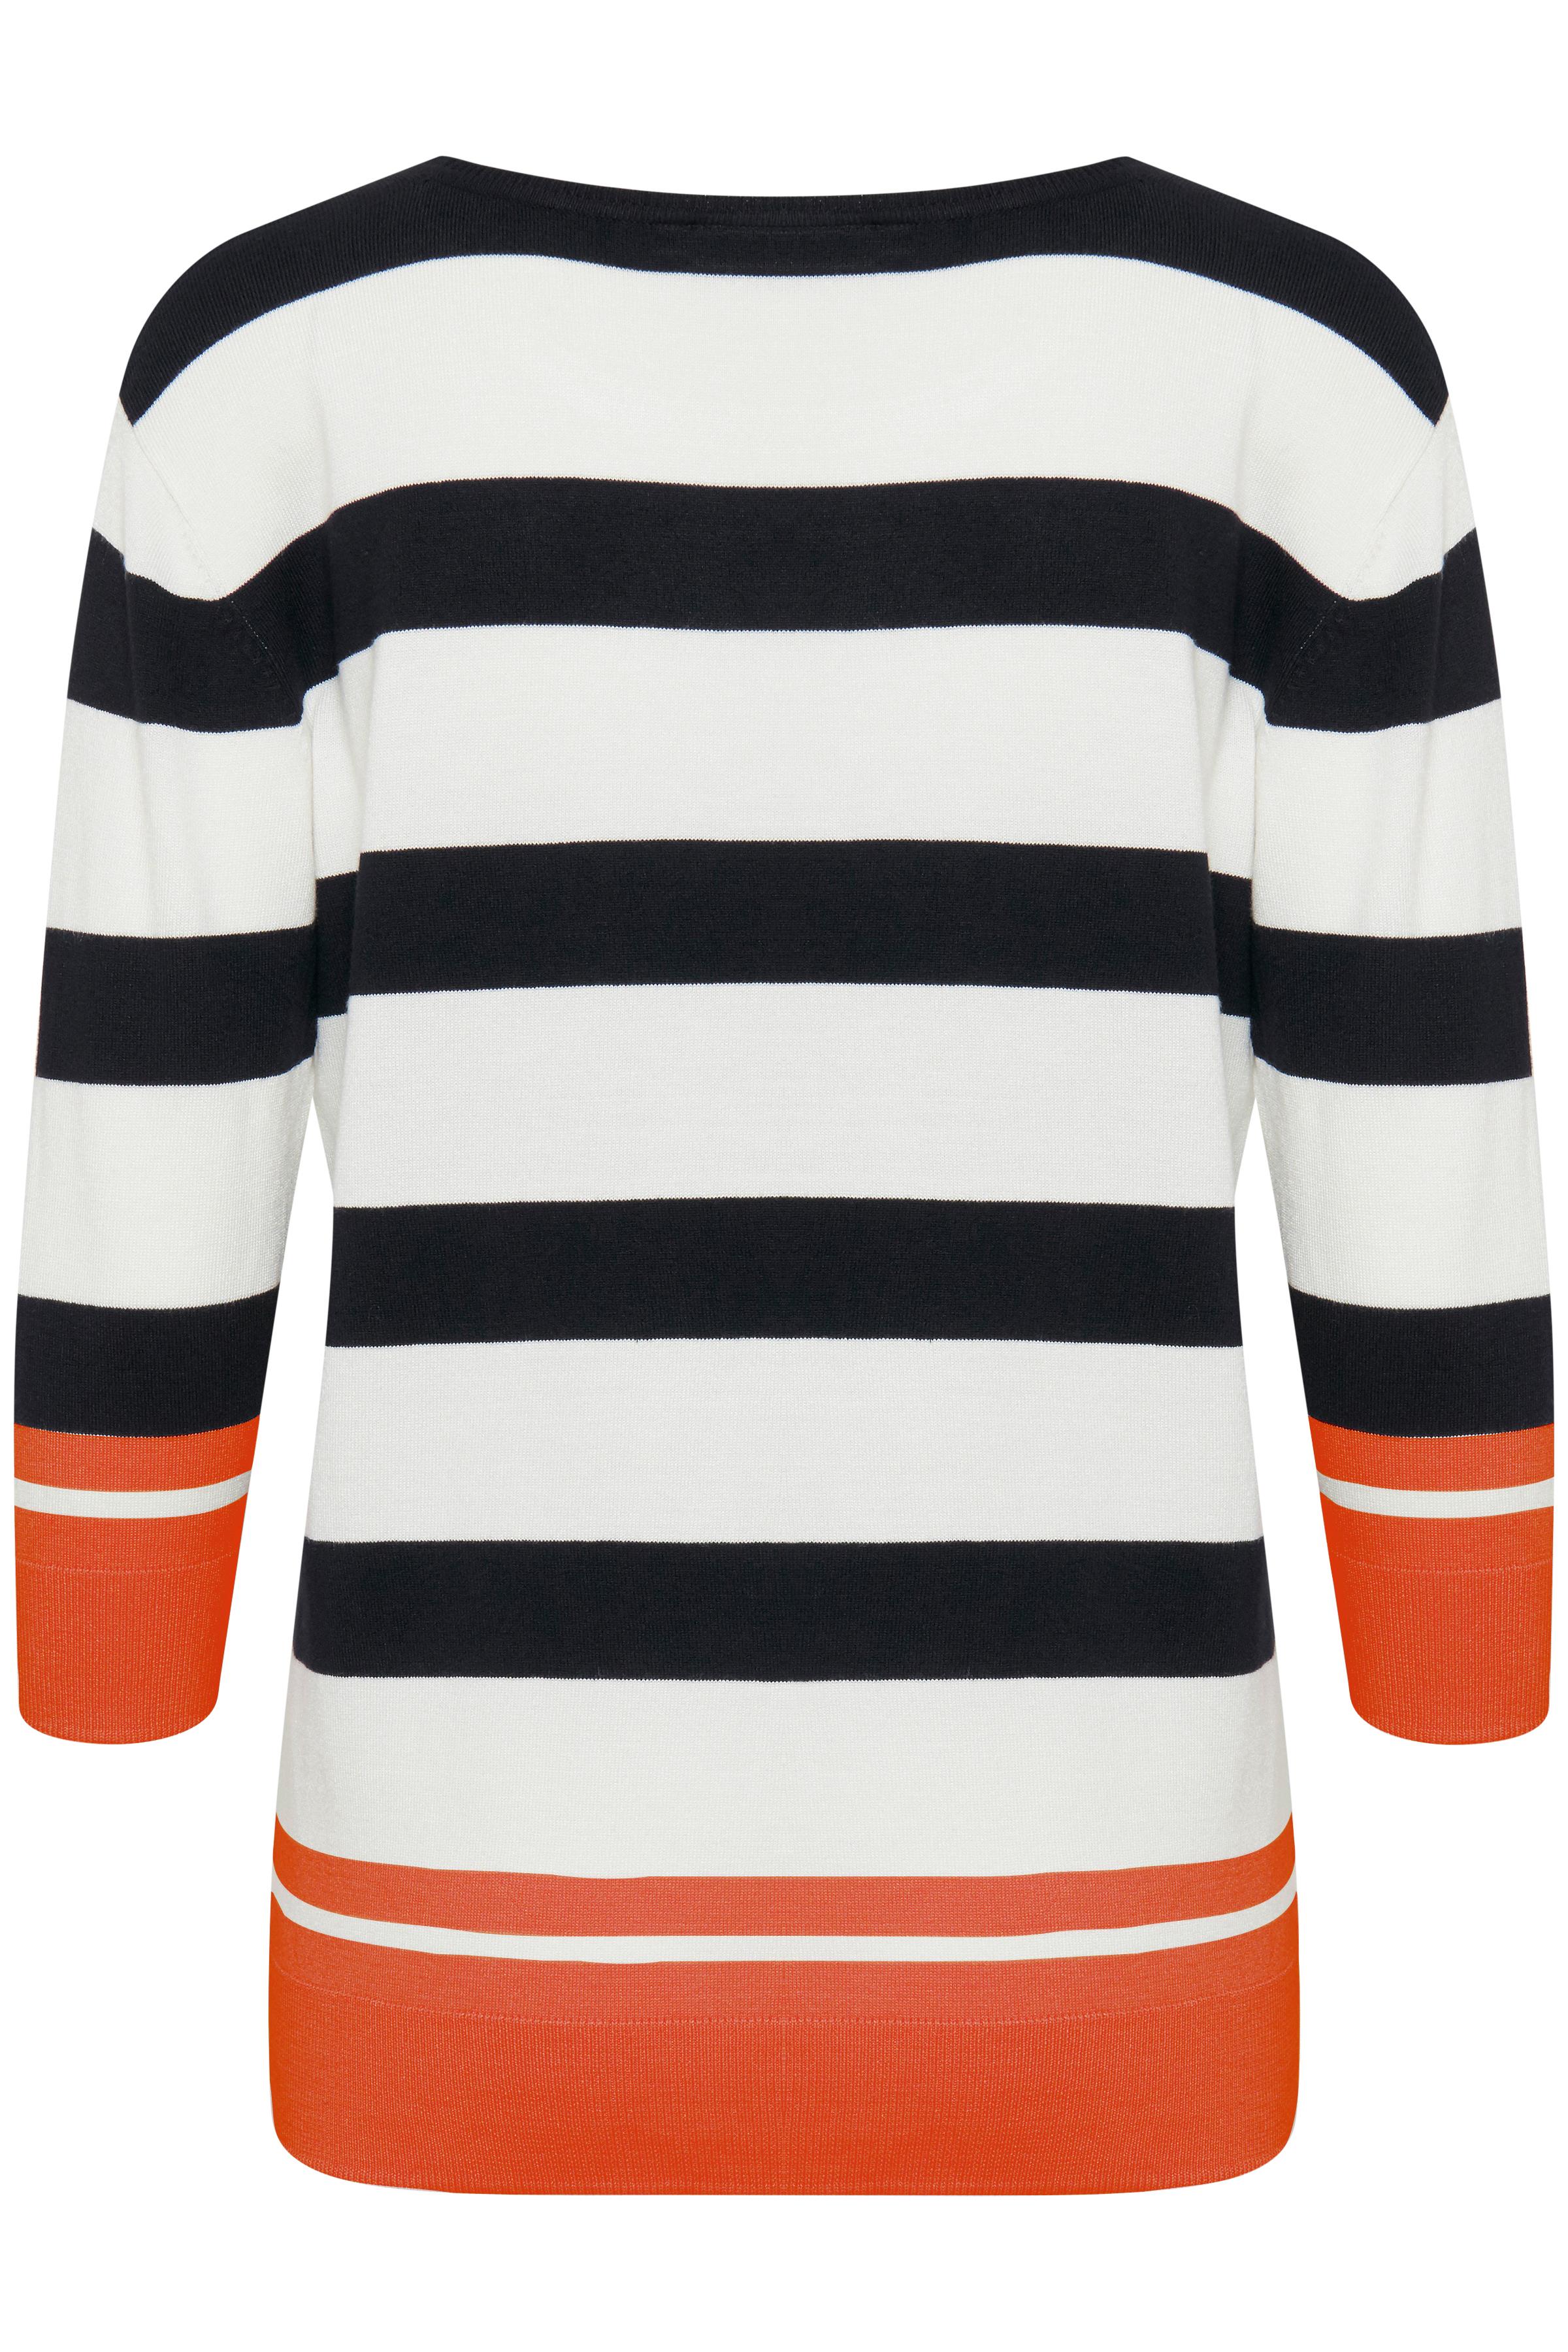 Weiß/orange Strickpullover von Fransa – Shoppen Sie Weiß/orange Strickpullover ab Gr. XS-XXL hier